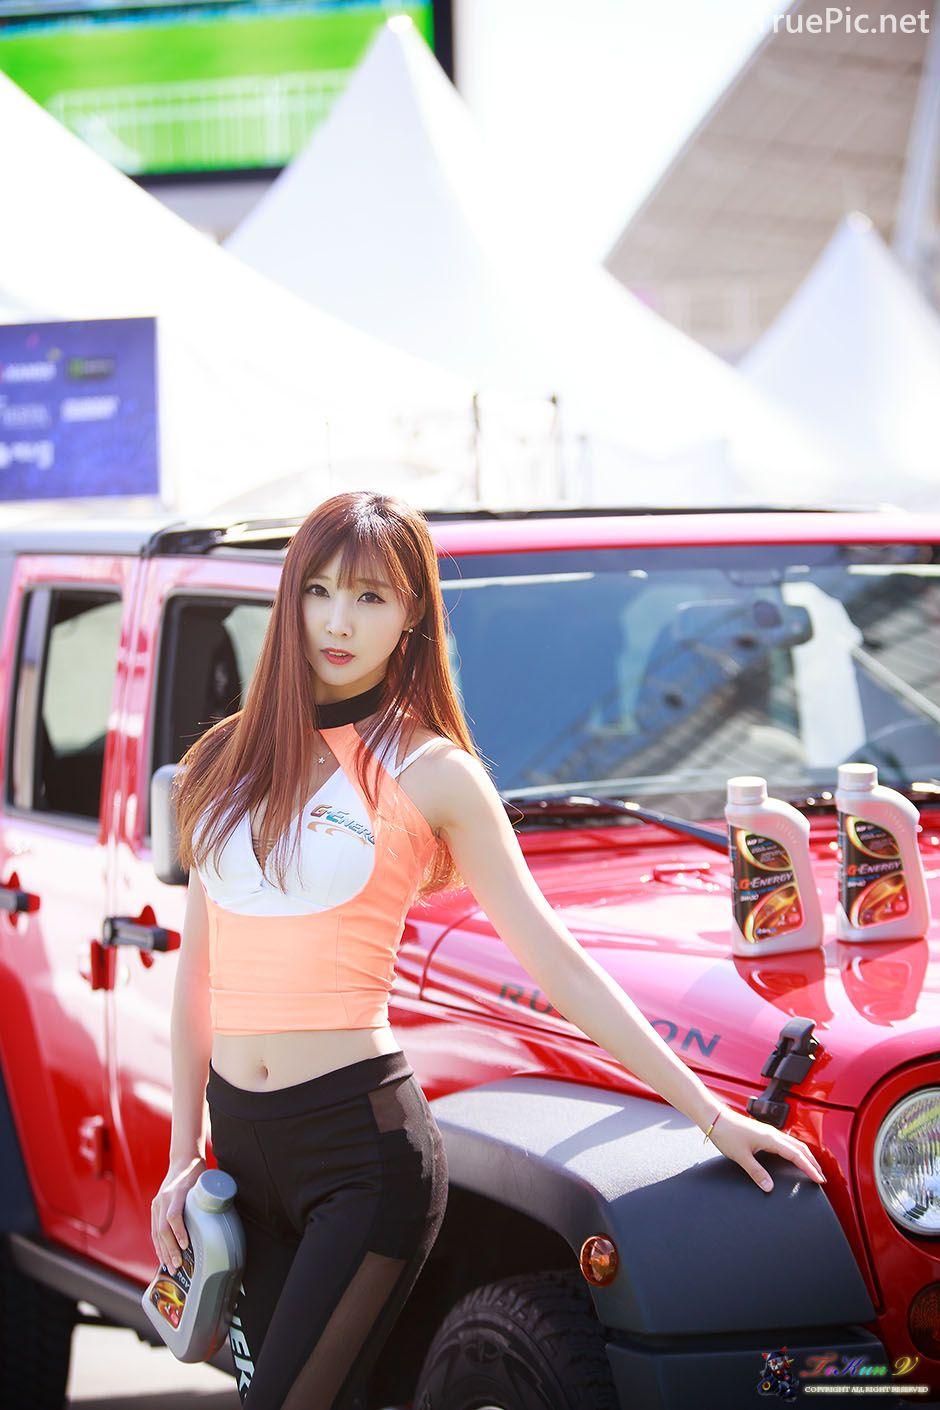 Image-Korean-Racing-Model-Lee-Yoo-Eun-Incheon-KoreaTuning-Festival-Show-TruePic.net- Picture-10